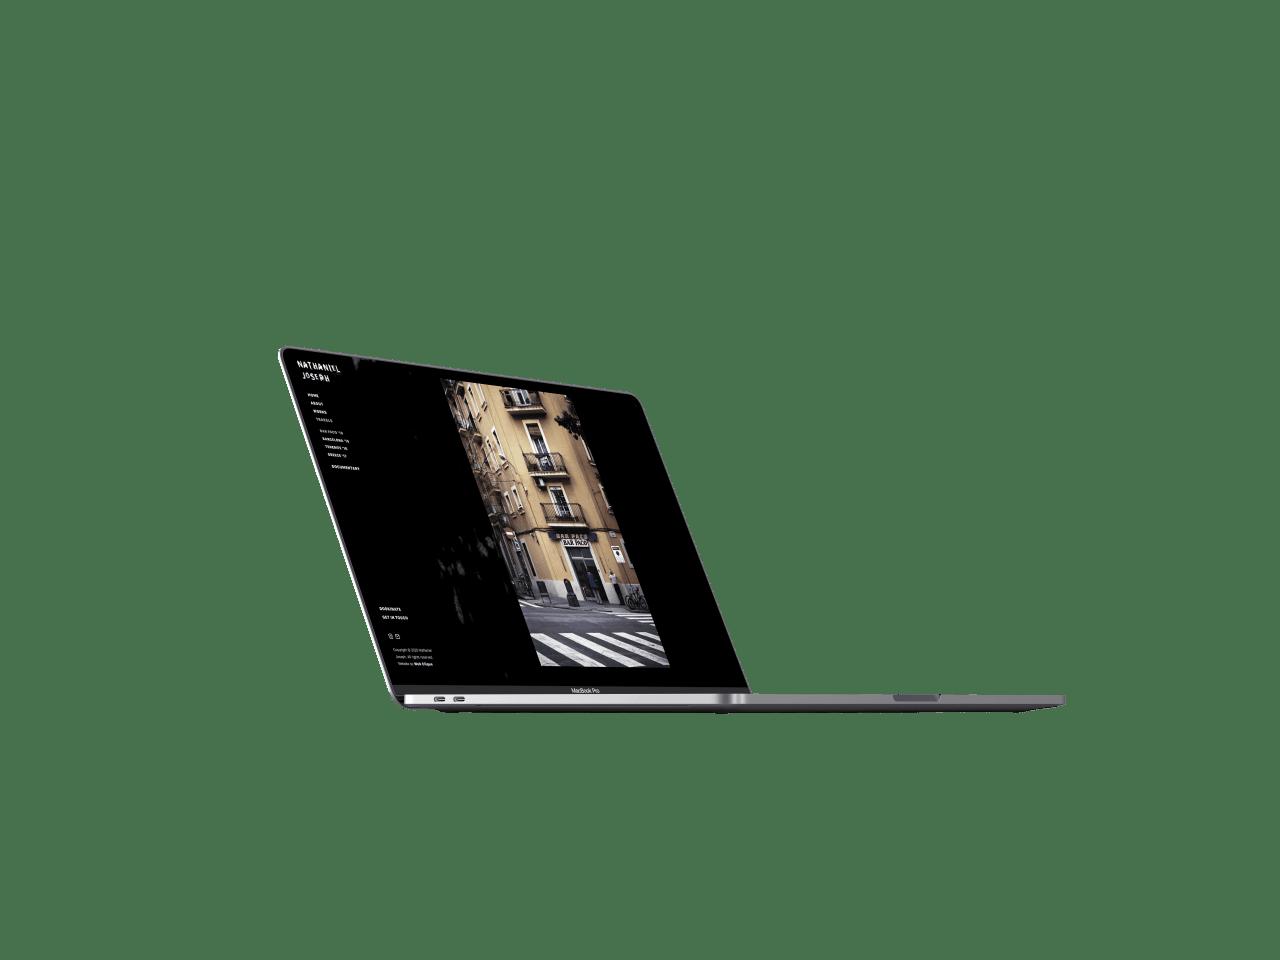 macbook-5-NJ